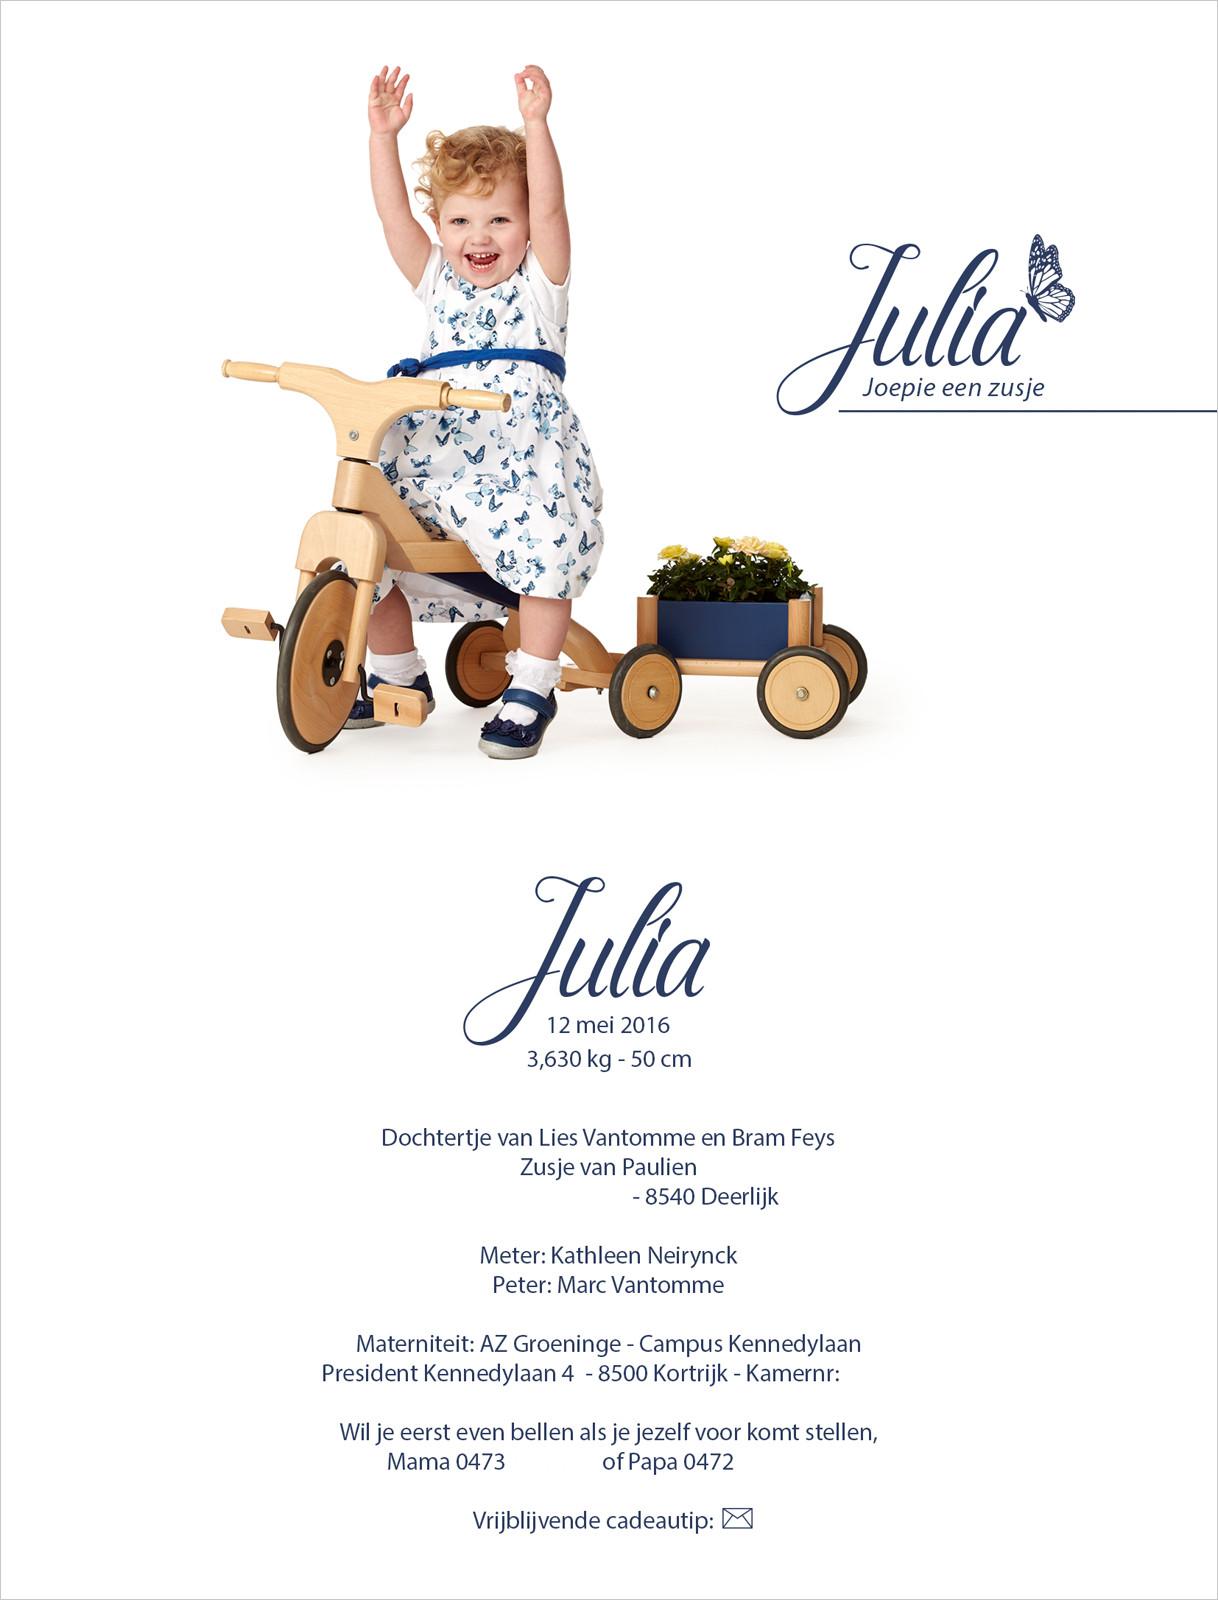 Geboortekaartje met foto van Julia